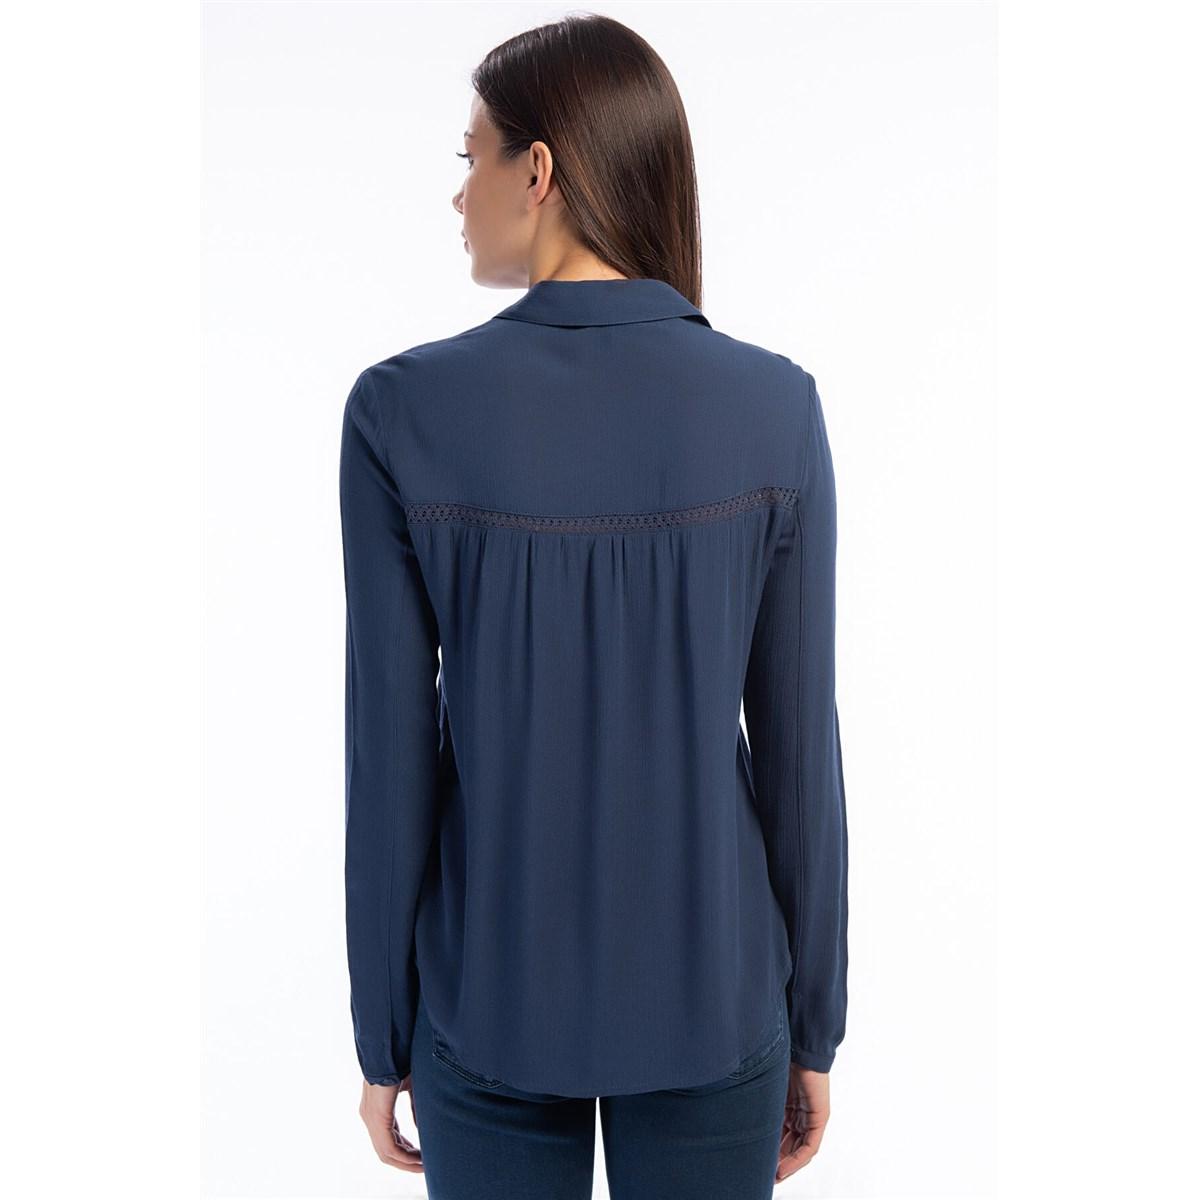 Dantel Detaylı Kadın Derin Mavi Gömlek